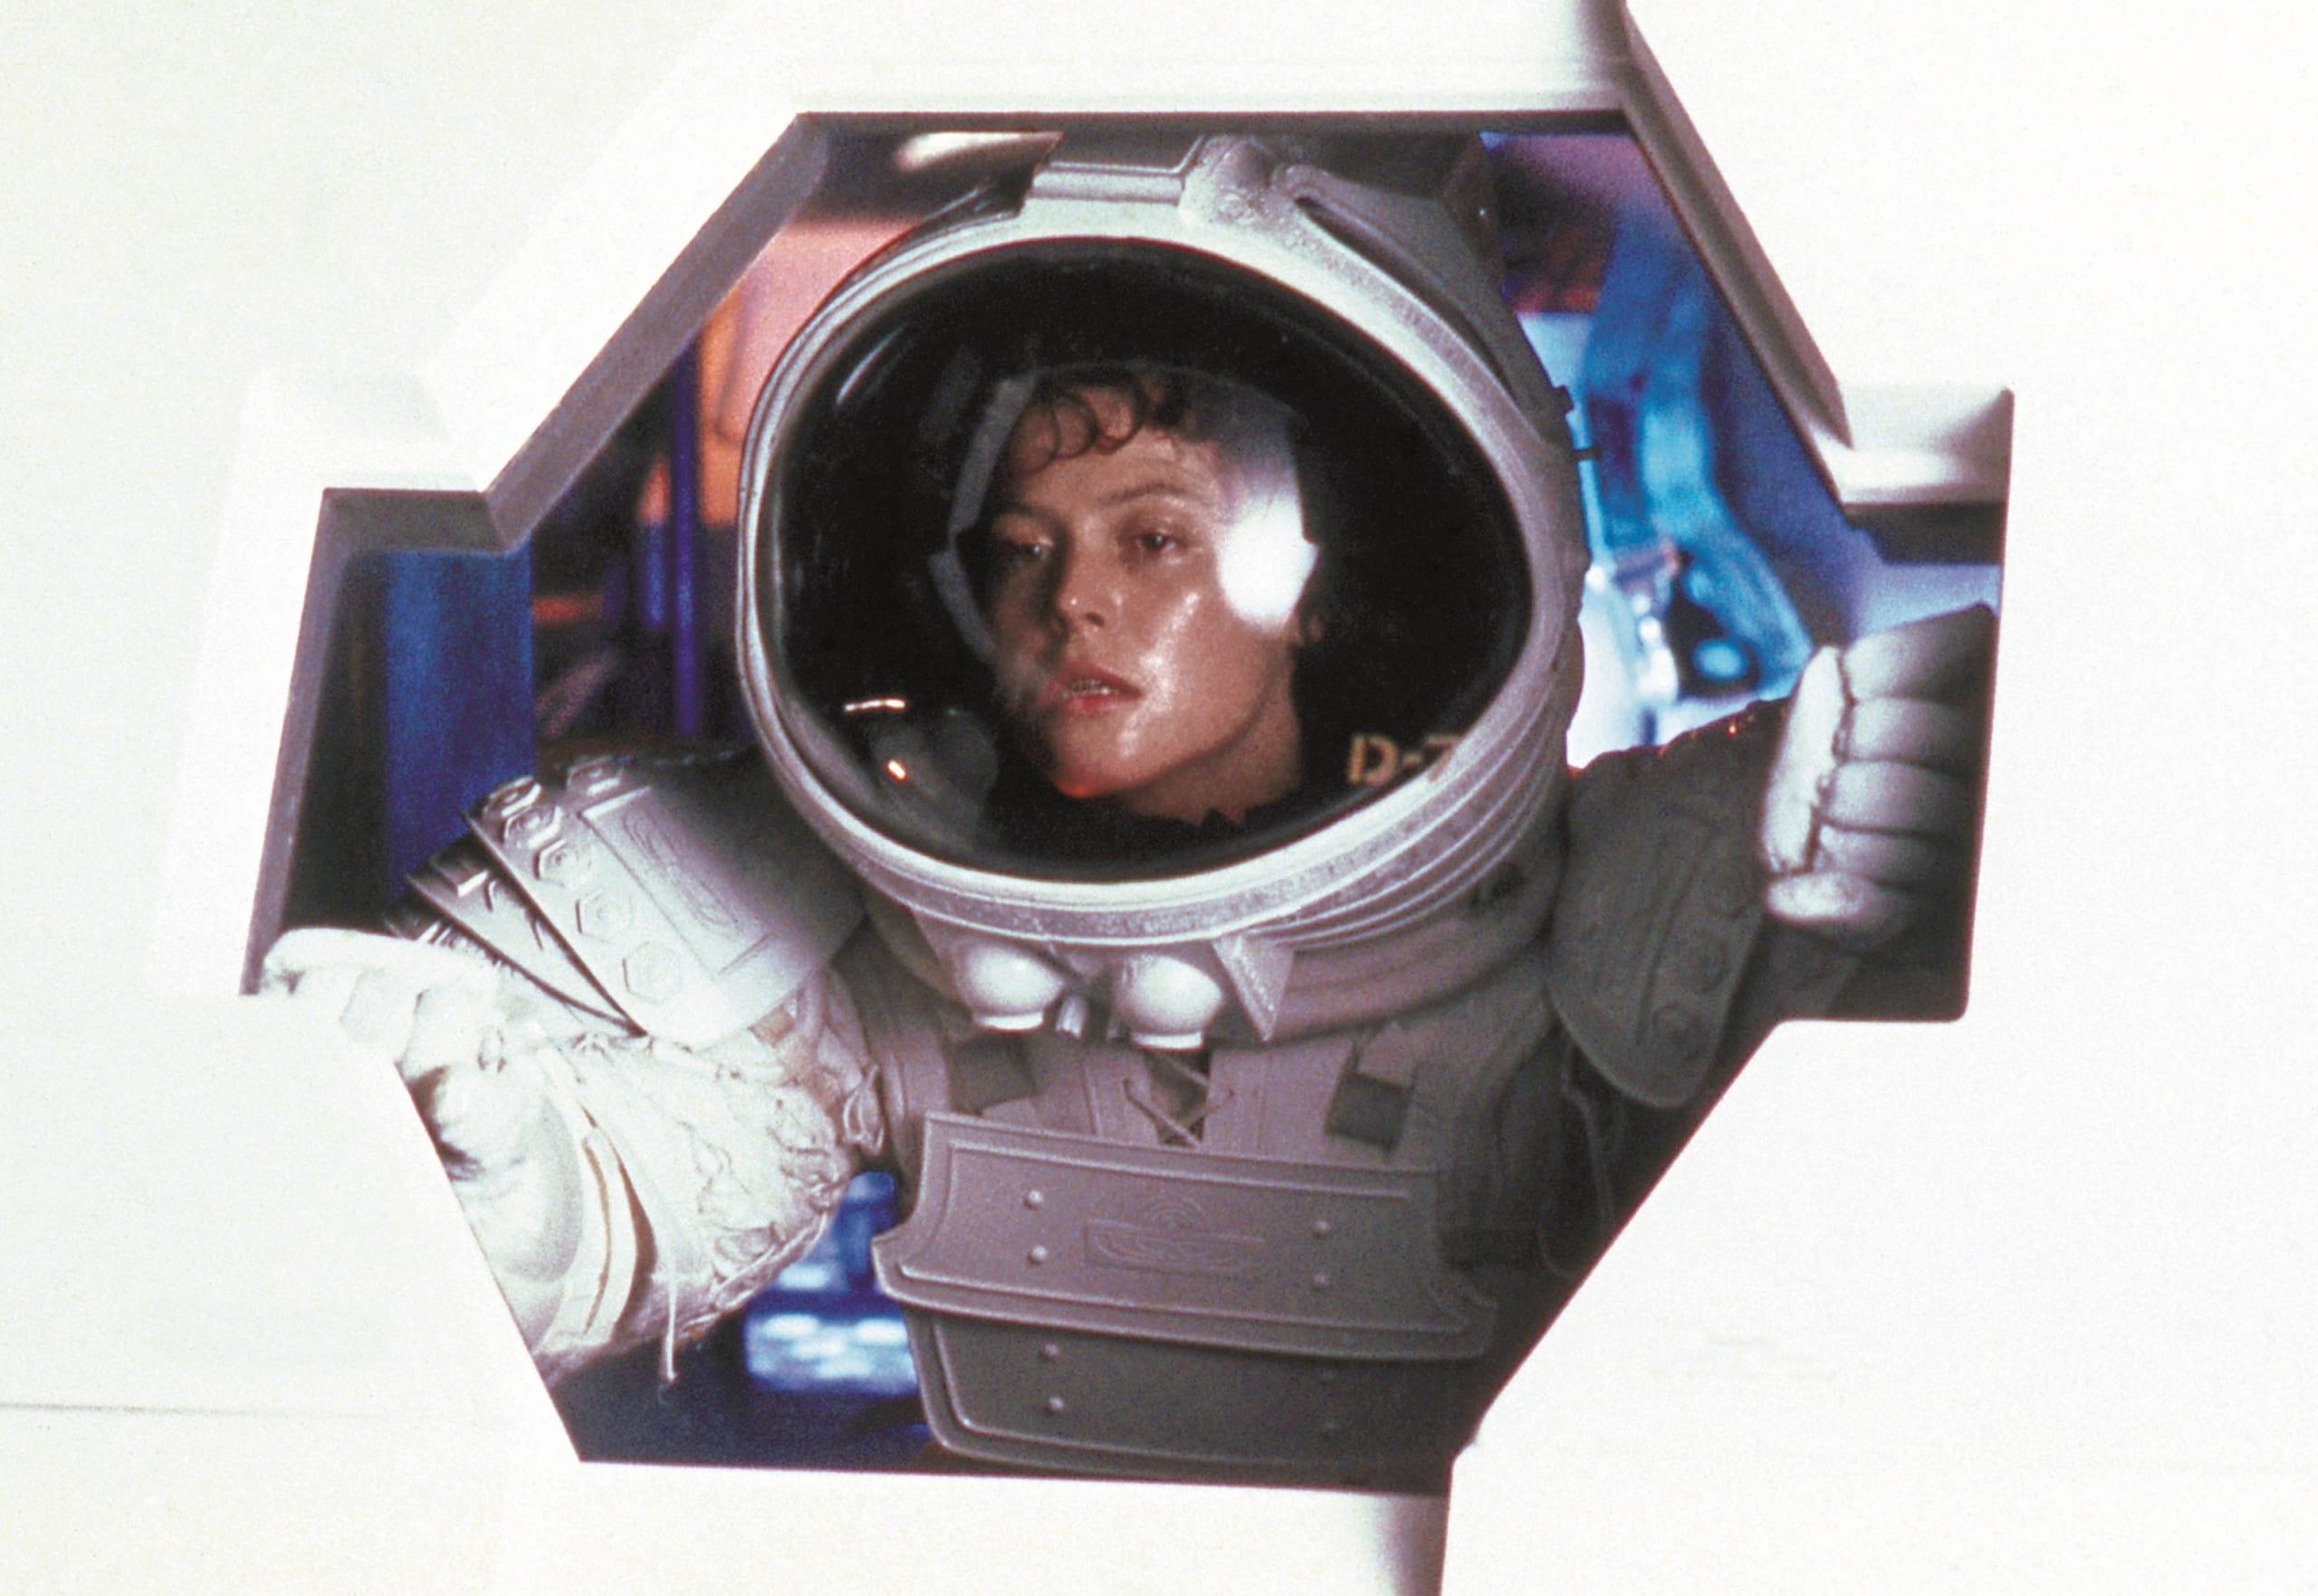 Alien Dietro le Quinte, la recensione - la storia di una leggenda